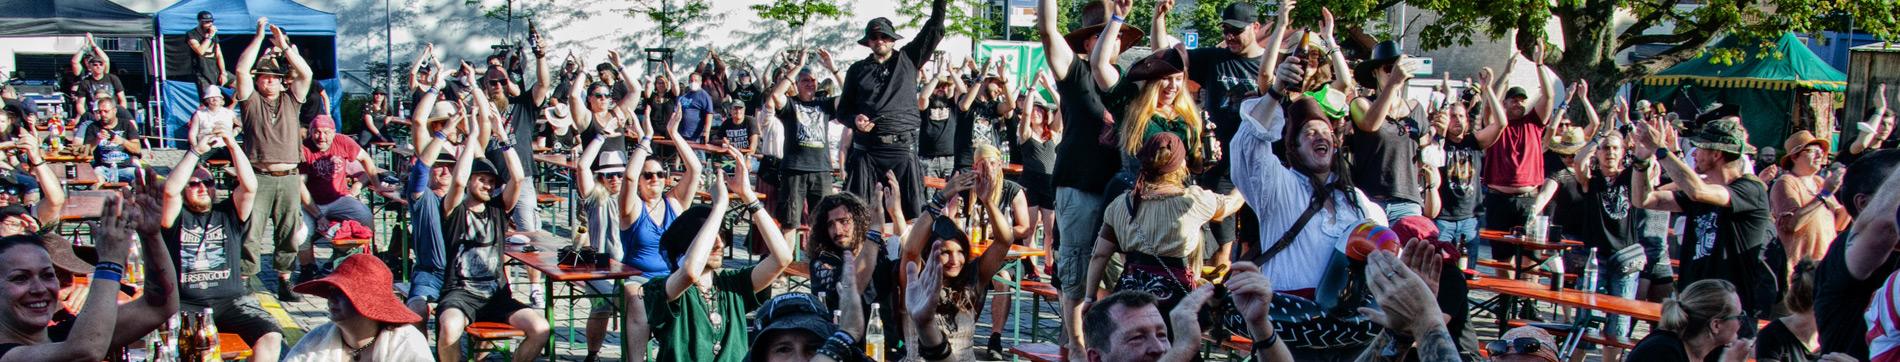 Jubelnde Fans auf dem Festivalgelände (Corona-konform)...